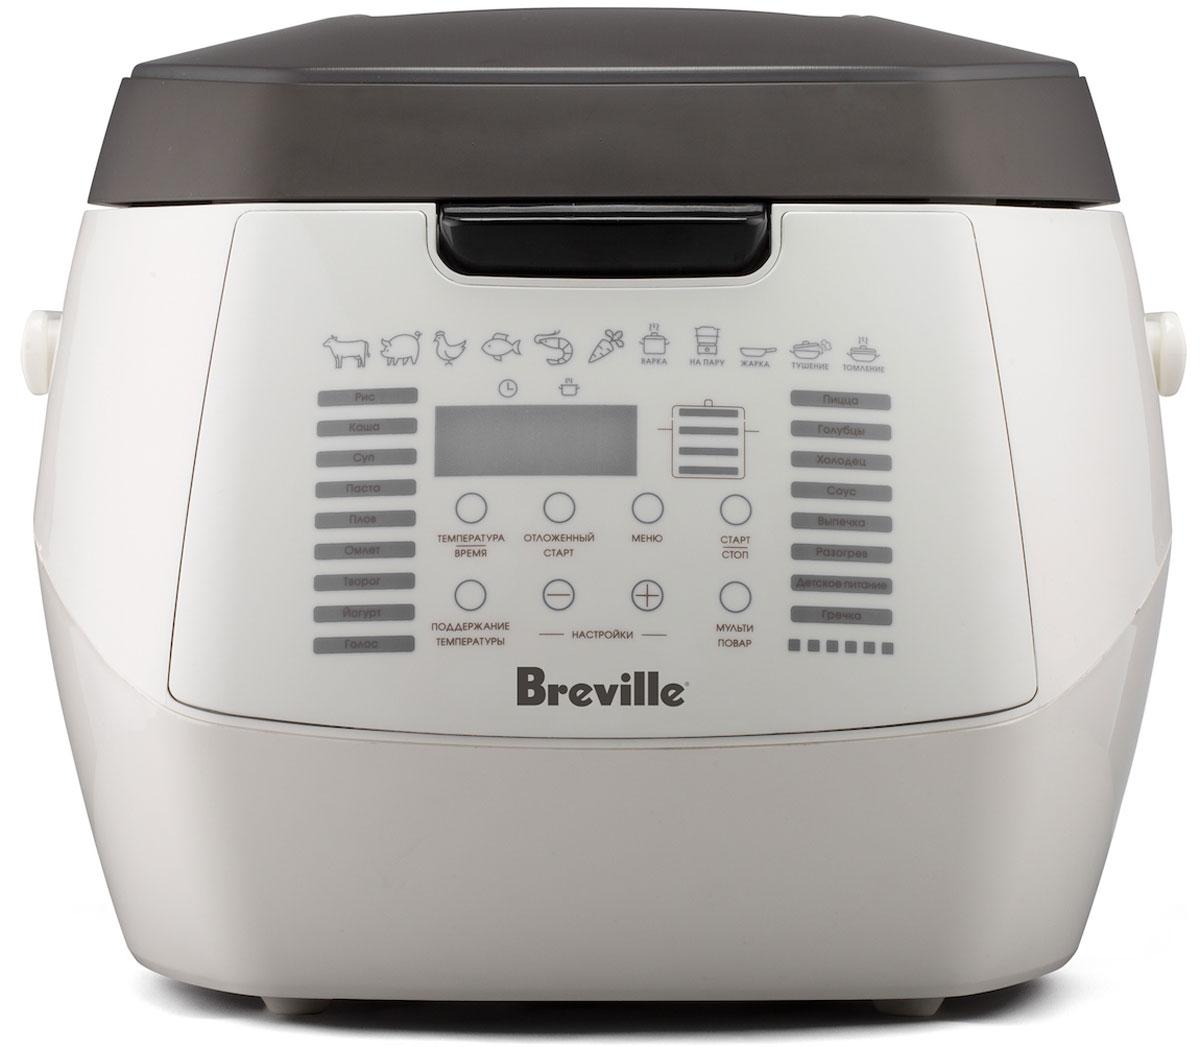 Breville U360 мультиварка67584Мультиварка Breville U360 - отличное решение для повседневного приготовления пищи без лишних хлопот. Вместительная чаша позволит готовить порции сразу на всю семью.Данная модель оснащена 16 автоматическими программами, которые включают в себя режимы для приготовления круп, плова, омлета, кисломолочных продуктов, пиццы, выпечки, и даже детского питания. А с режимом Мультиповар можно выставить собственные настройки для приготовления собственных блюд.Мультиварка оснащена удобным сенсорным управлением и имеет цифровой дисплей, где отображается ход работы. Важной особенностью данной модели является голосовое сопровождение с подсказками на каждом этапе приготовления. Громкость можно регулировать вплоть до полного отключения.Для тех, у кого мало времени, предусмотрена опция Отсрочка старта. Заложите продукты, выберите программу, а прибор все сделает за Вас по истечении заданного времени. Это позволяет получить готовое горячее блюдо к нужному времени.Благодаря антипригарному покрытию части блюда не останутся на стенках чаши. 3D нагрев обеспечивает равномерное распределение тепла для одновременного приготовления пищи со всех сторон.